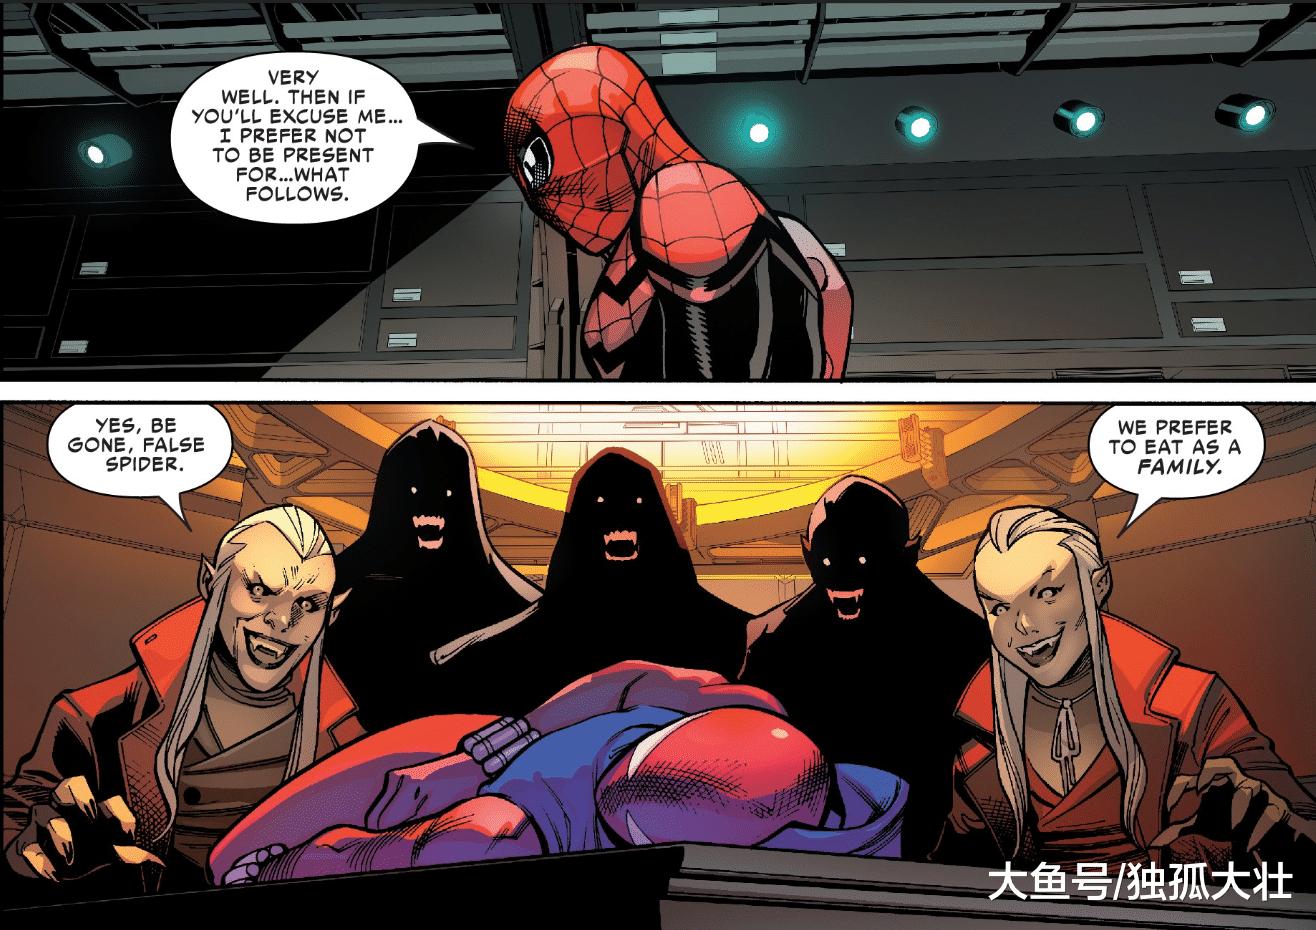 谁是蜘蛛侠最好的继任者? 小黑蛛迈尔斯才是真正的二代蜘蛛侠!